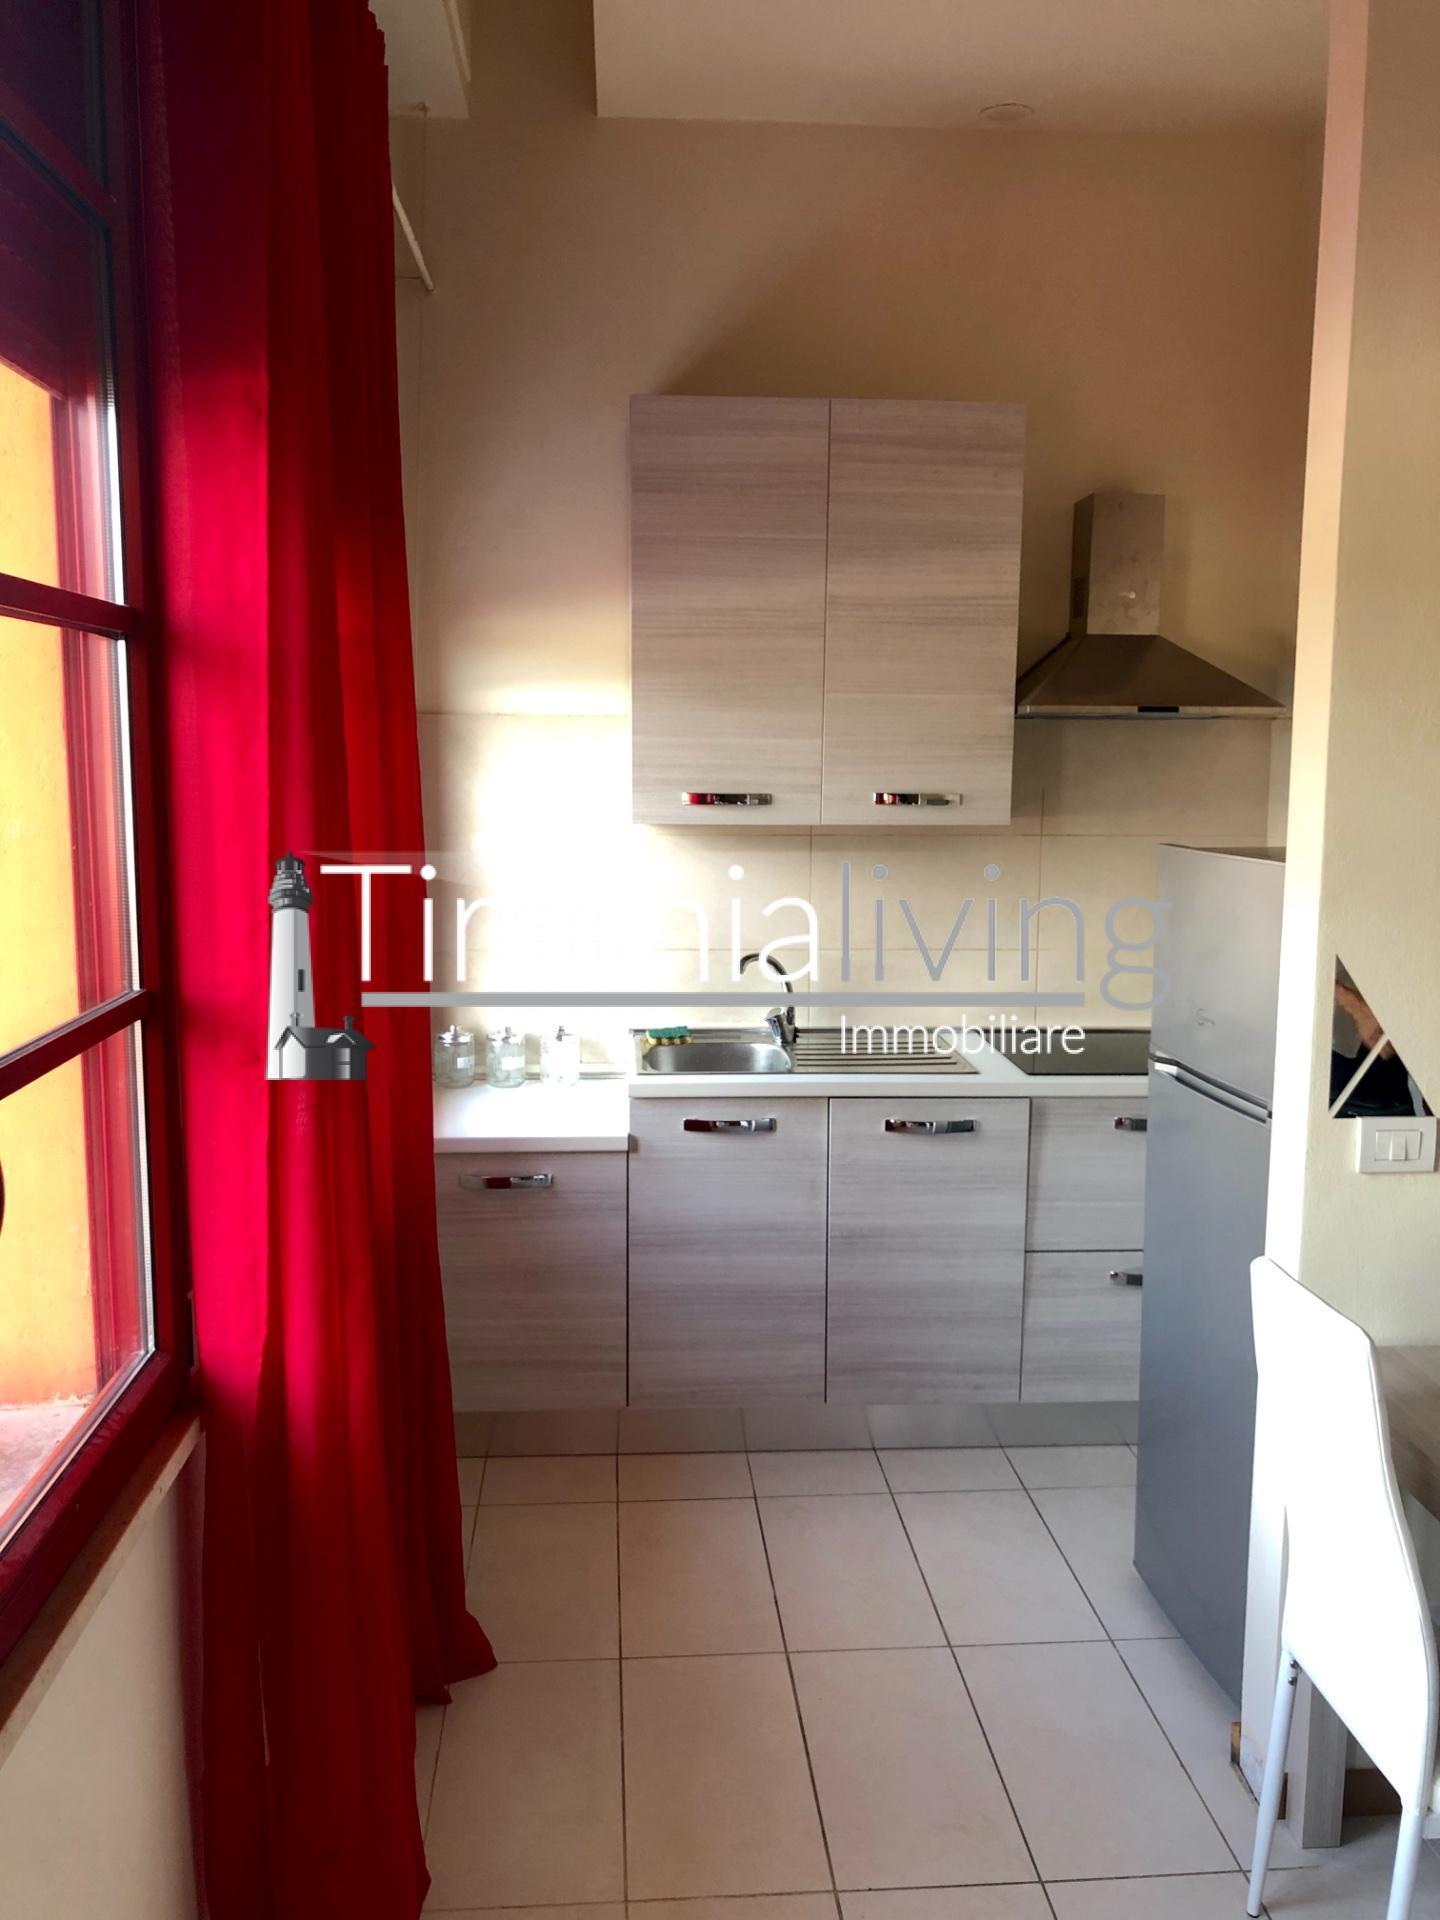 Appartamento in affitto vacanze, rif. A-507-E